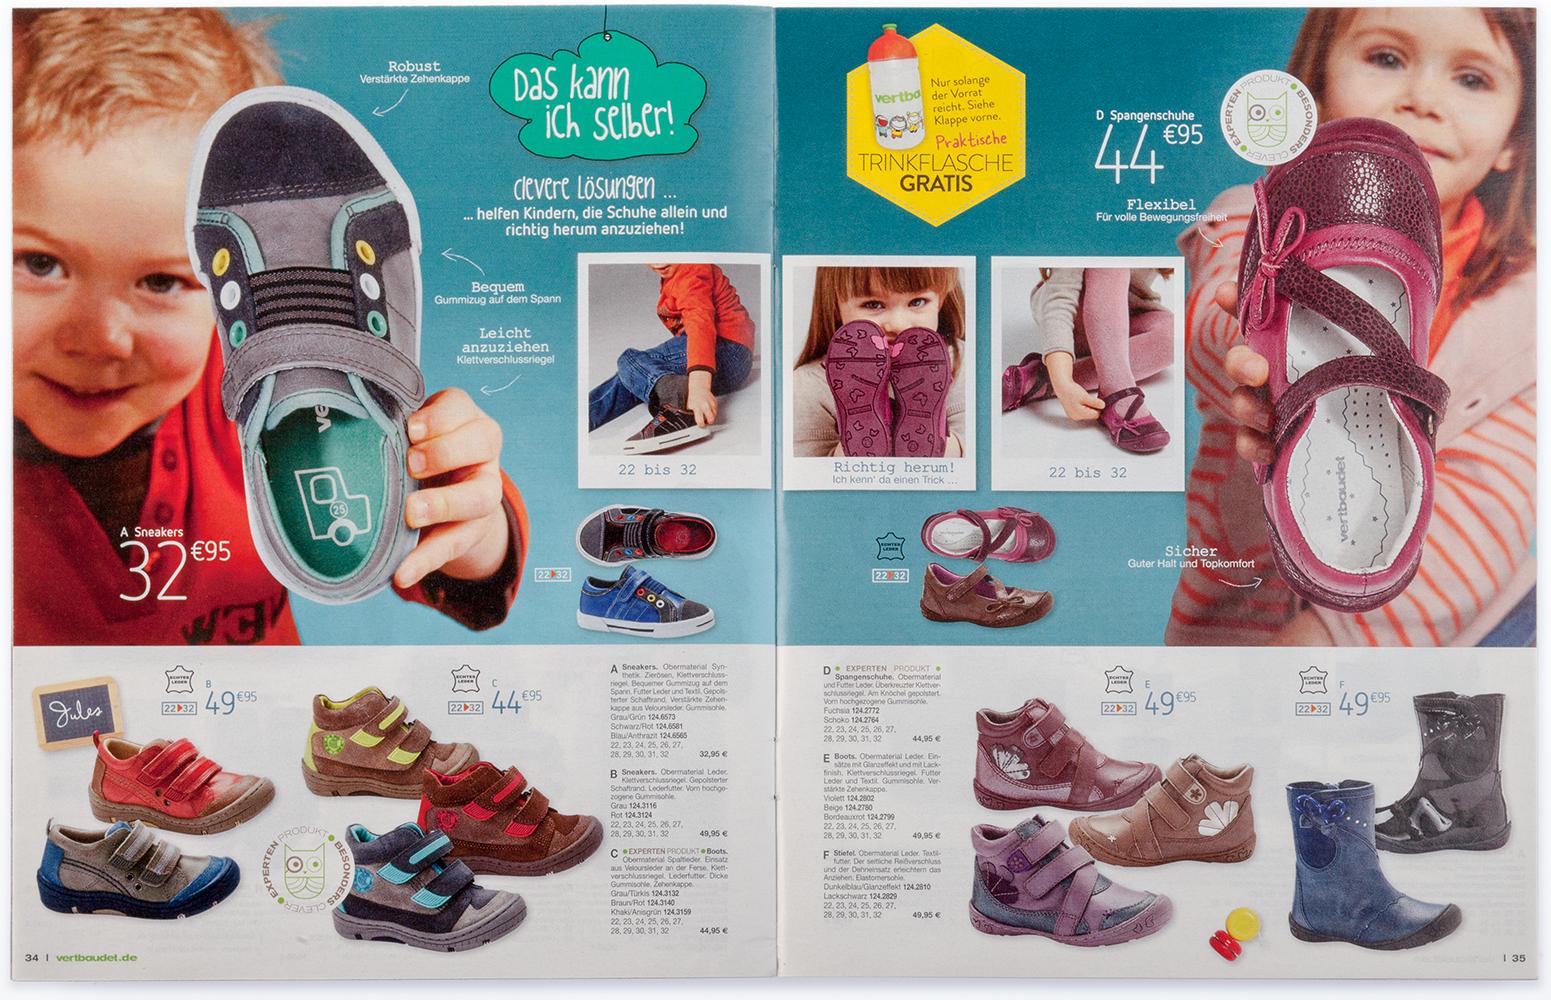 vertbaudet Magazin 2013/14 Seite 34